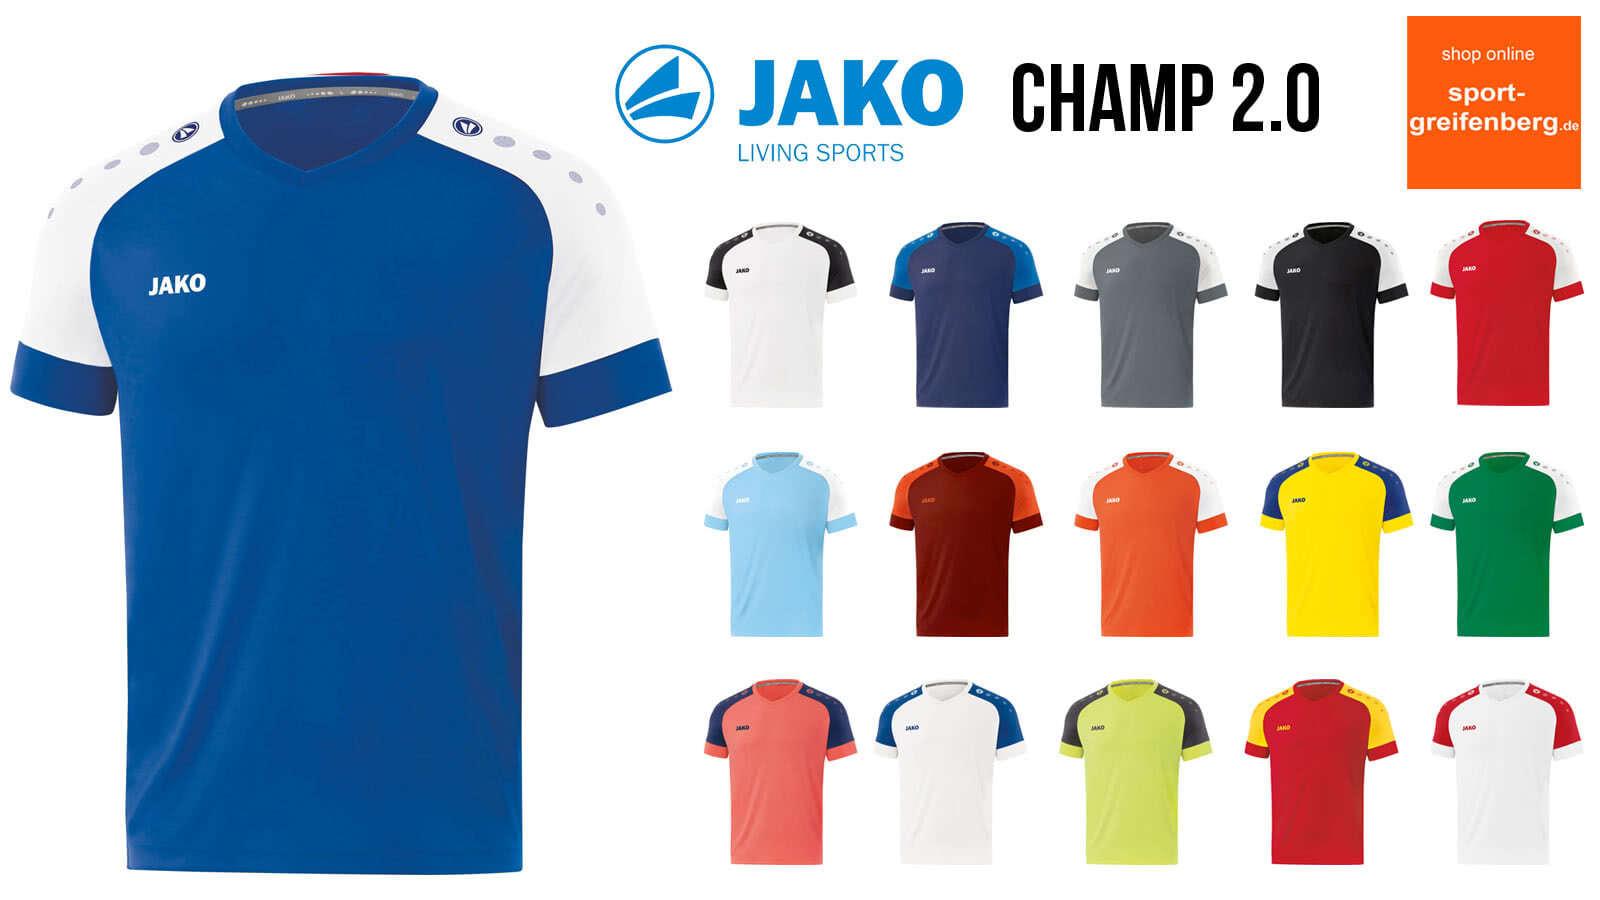 Das Jako Champ 2.0 Trikot für 2020 und 2021 sowie 2022 im Katalog